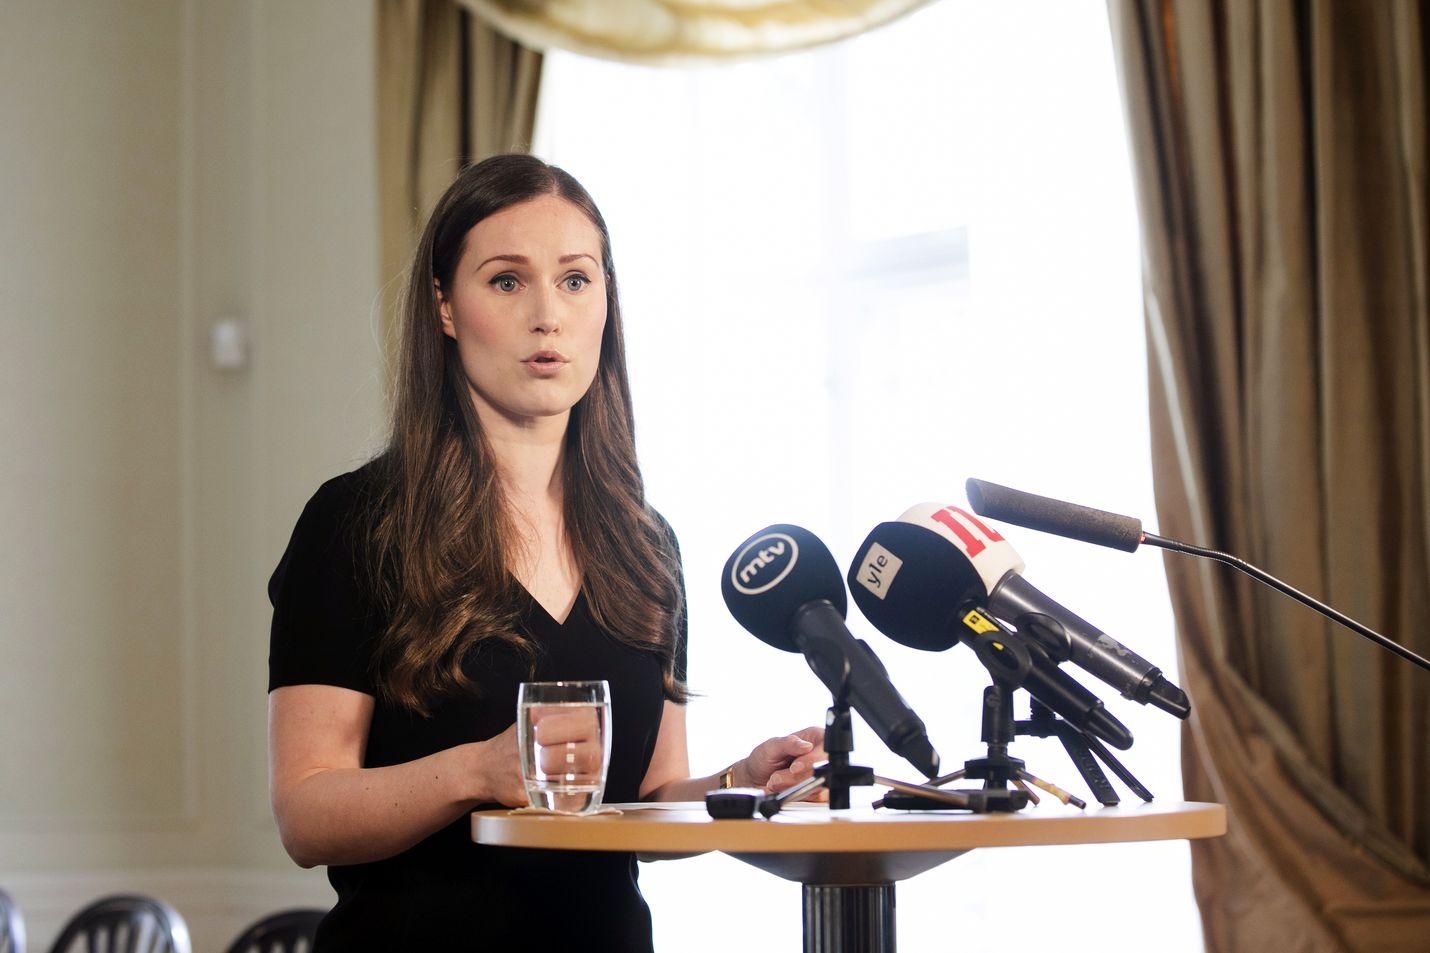 Pääministeri Sanna Marin (sd.) esitteli EU-huippukokouksen tuloksia keskiviikkona virka-asunnollaan Kesärannassa.